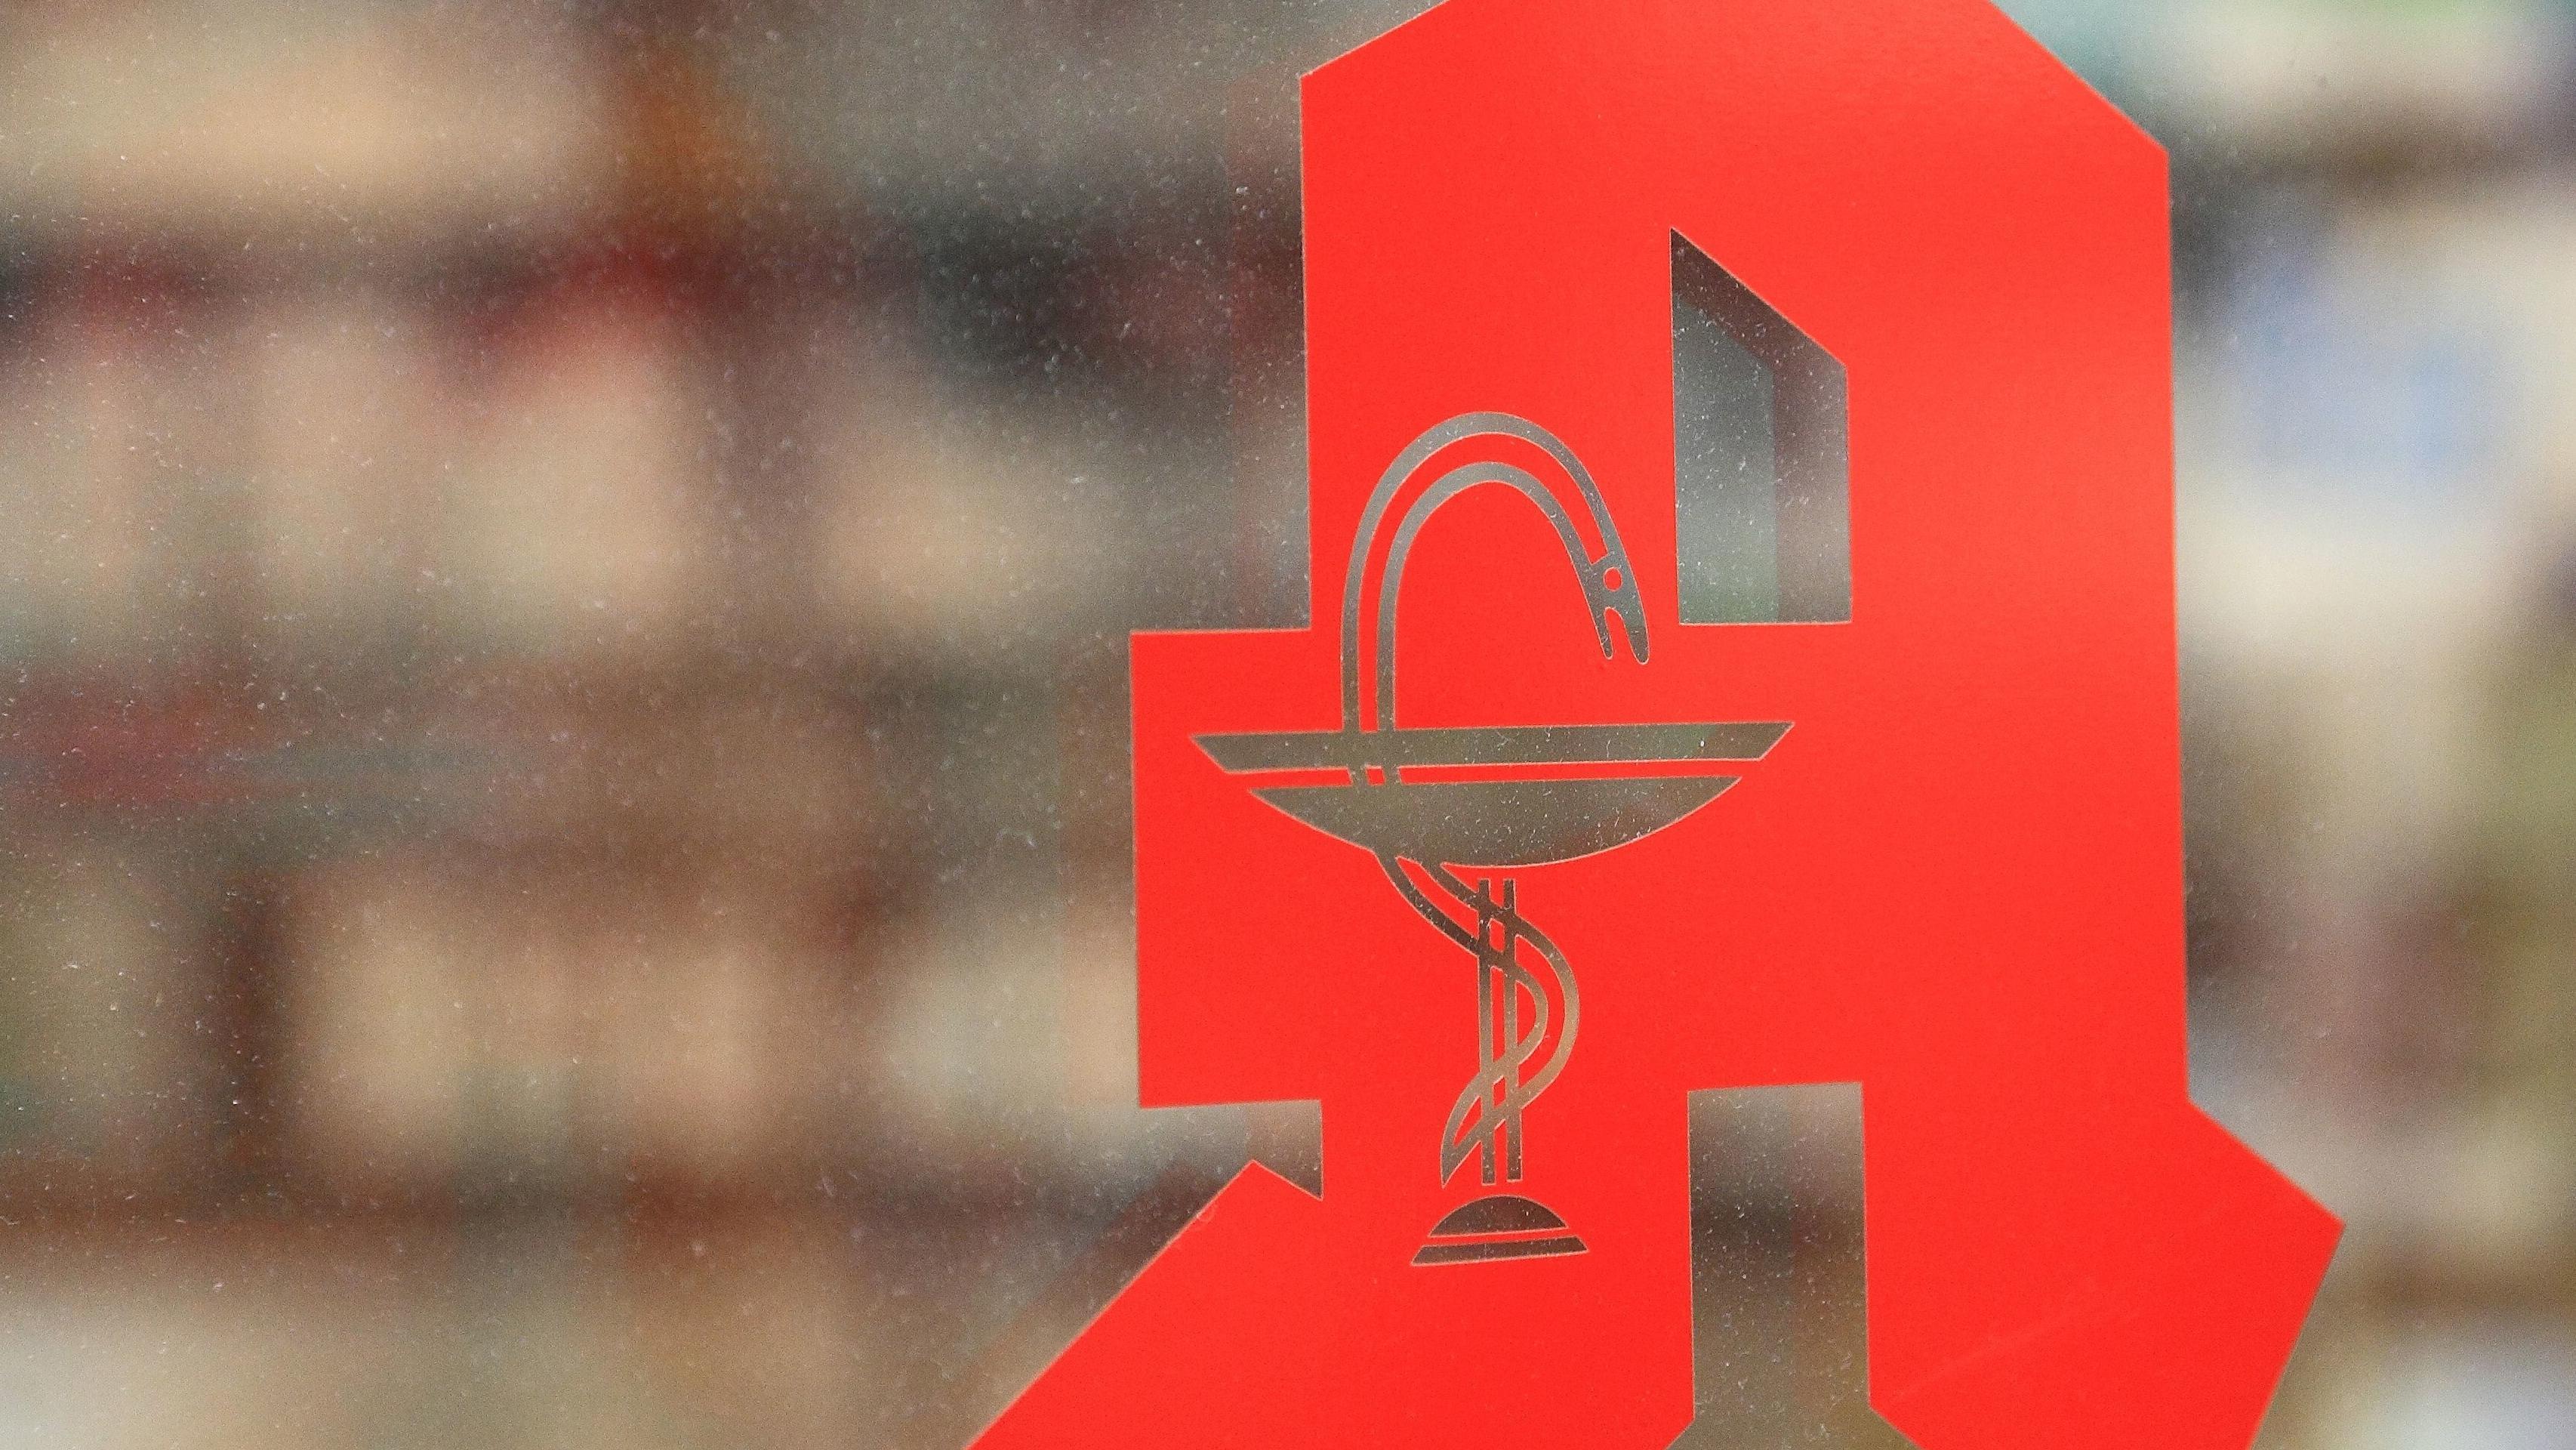 Apotheken-Zeichen auf einem Schaufenster (Symbolbild)